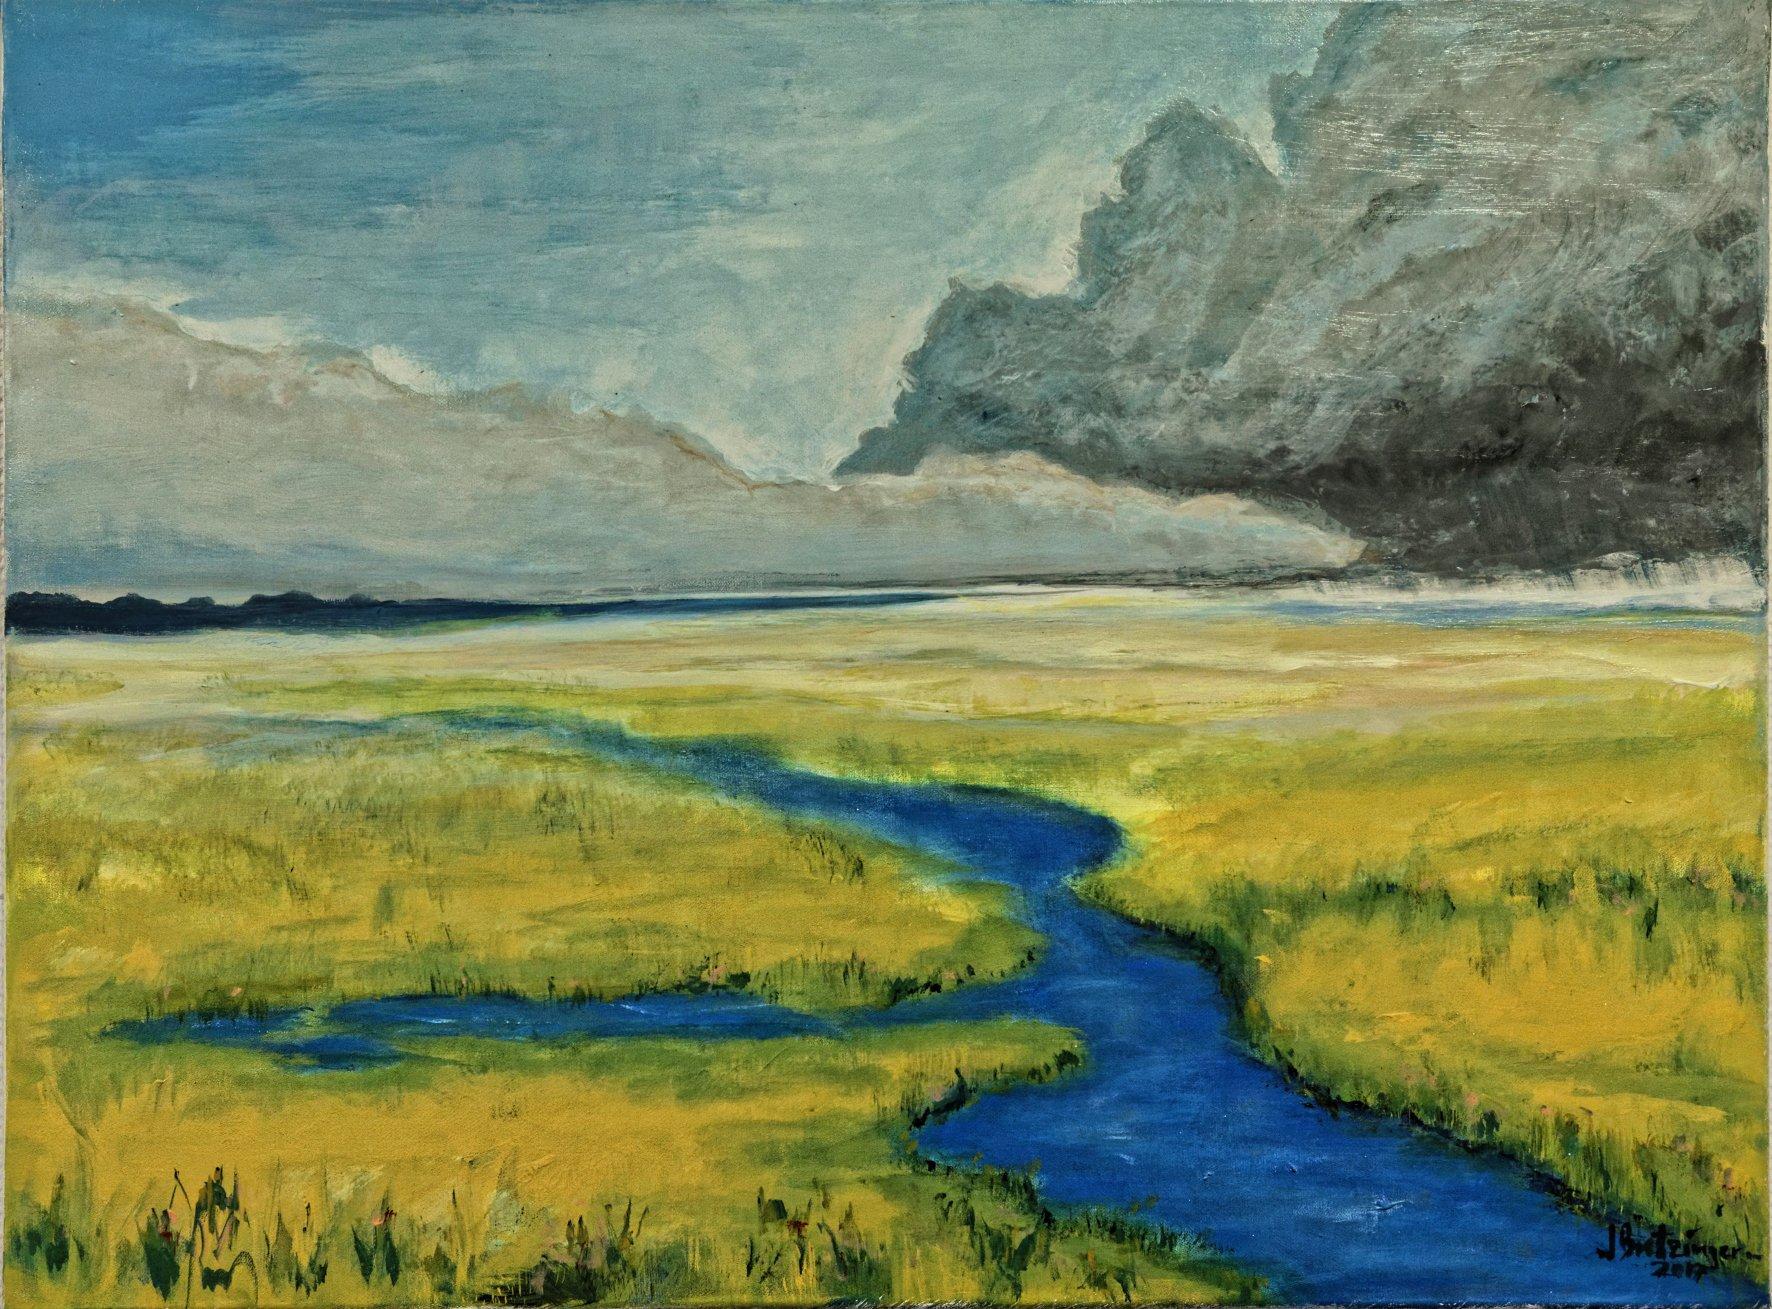 Landschaft mit Fluss, Bild von Jörg Bretzinger